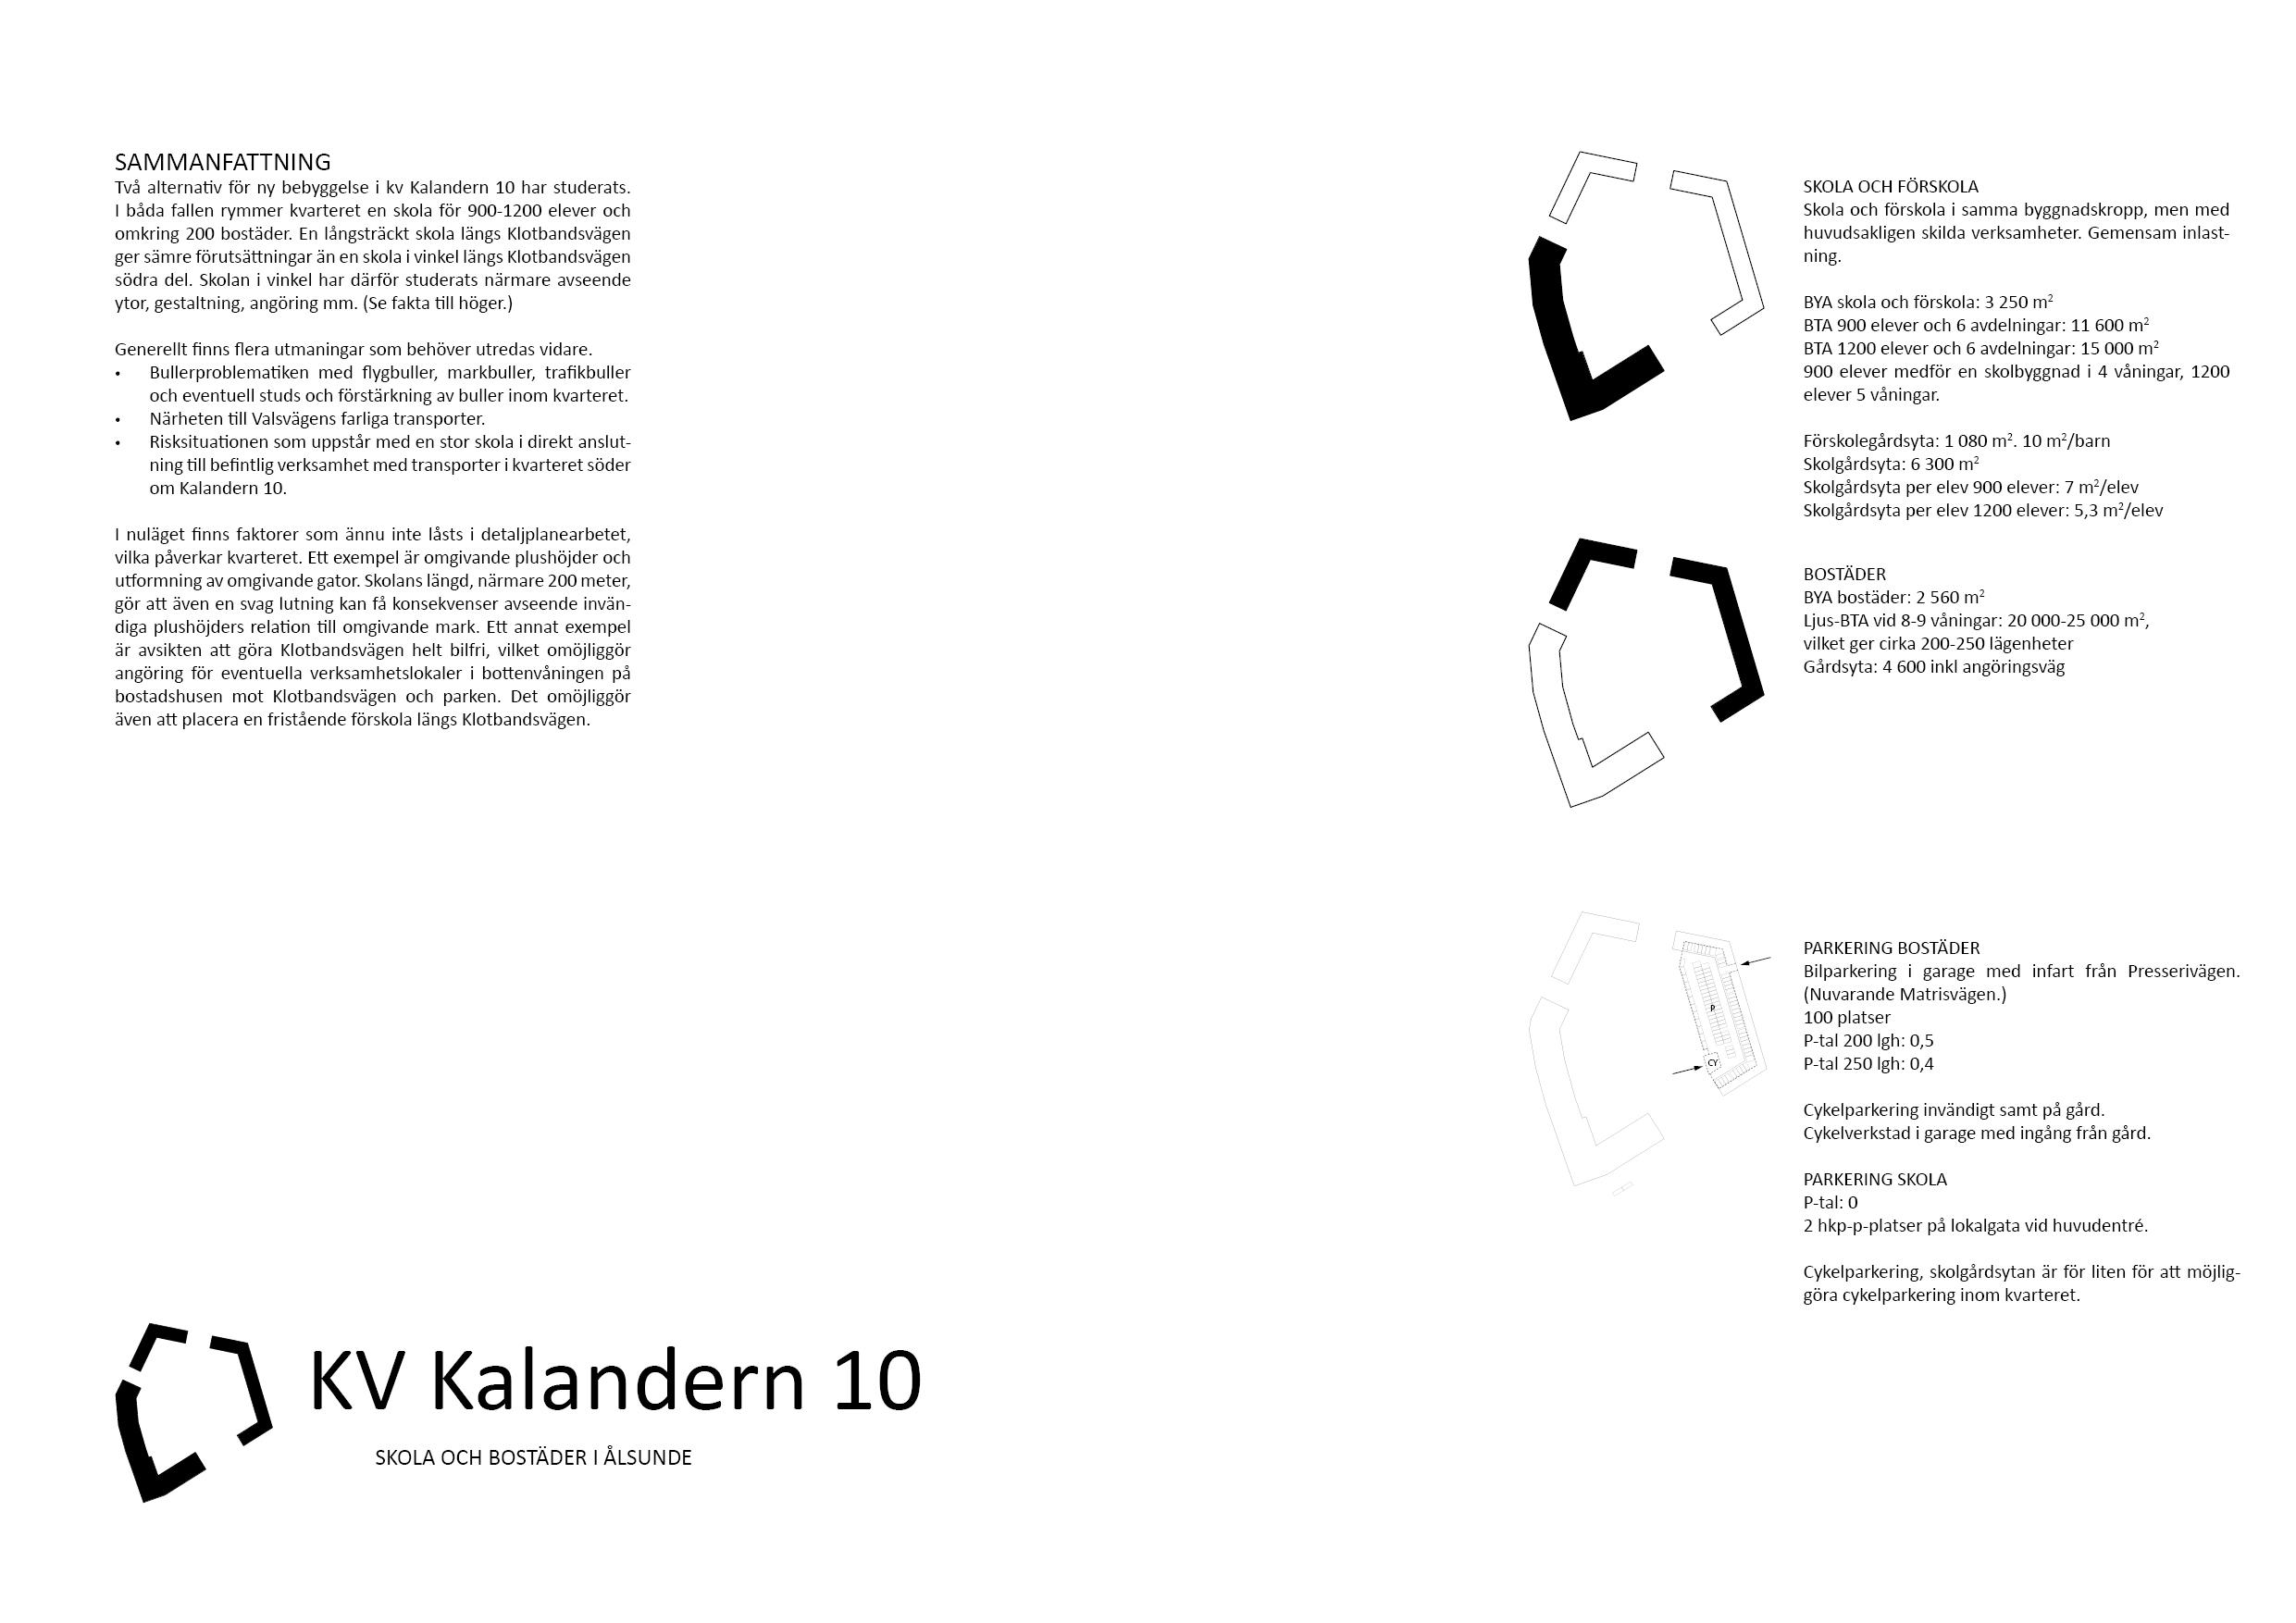 Kalandern10.jpg